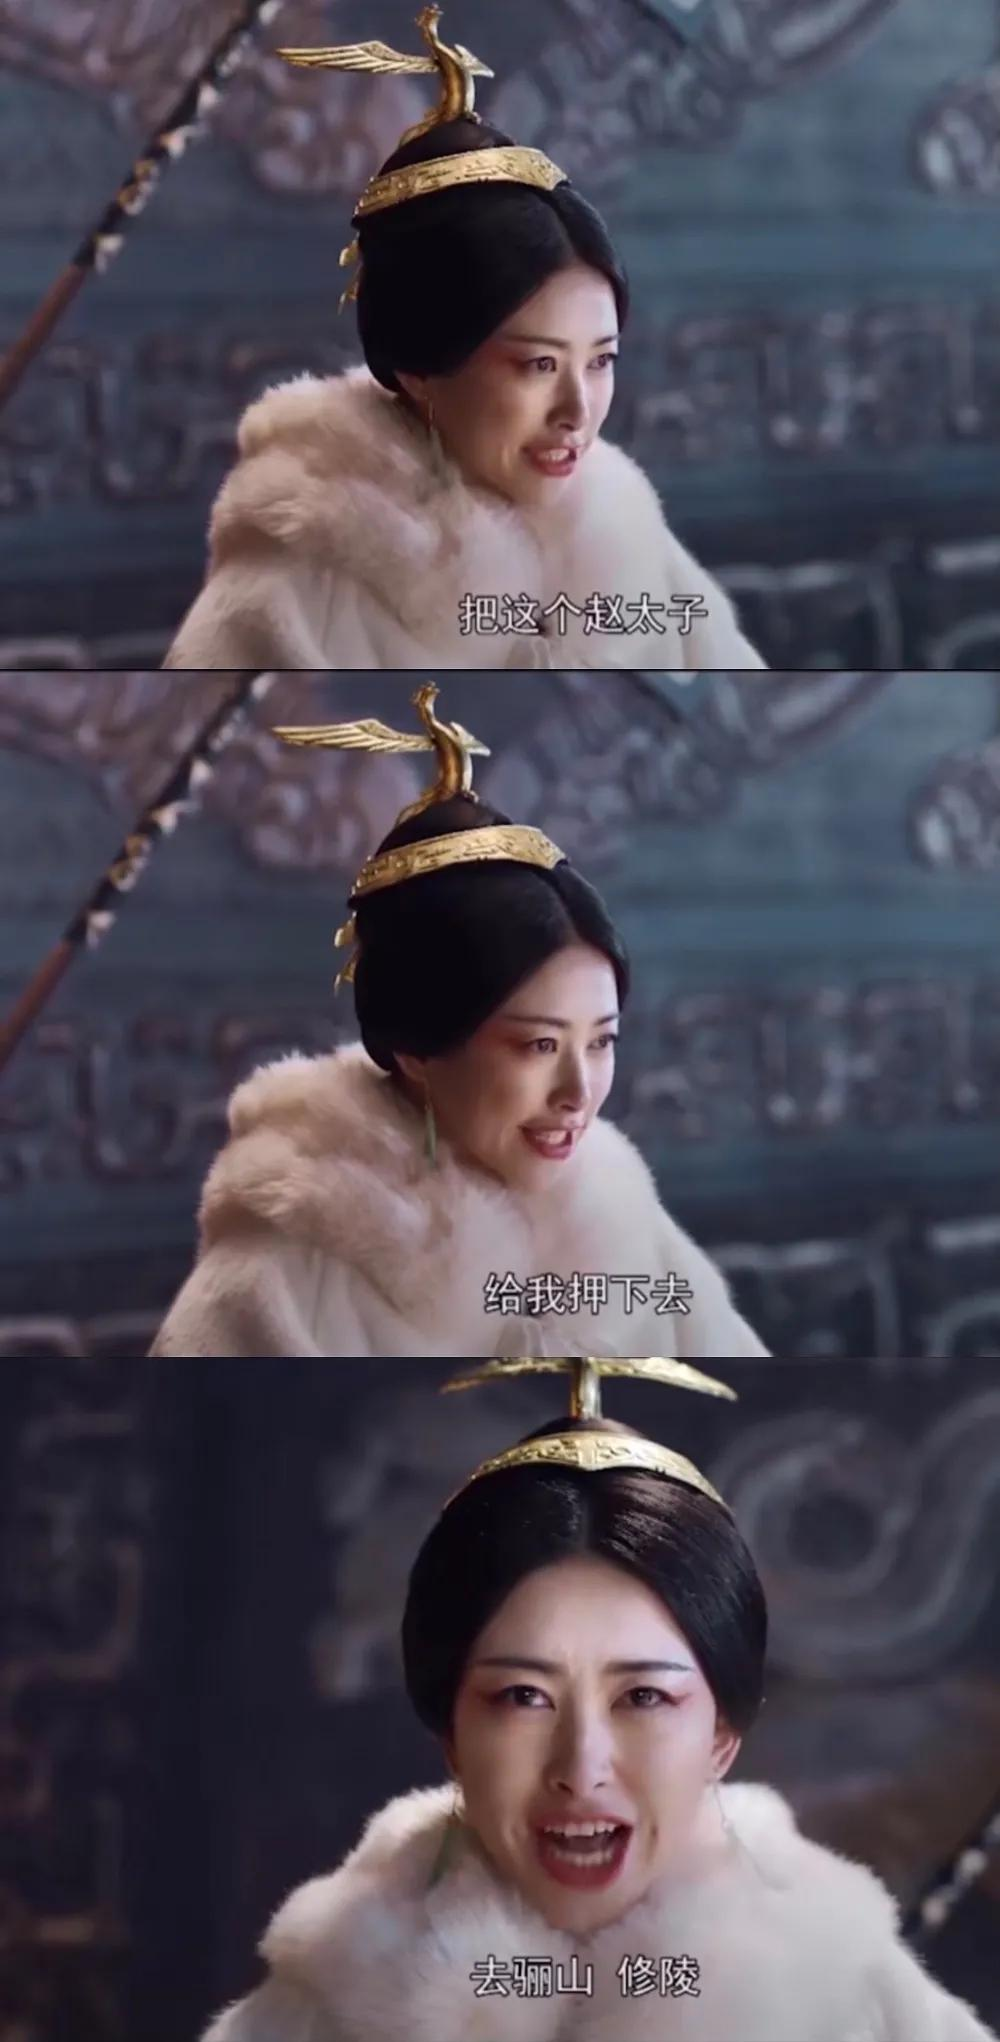 """彩!彩!彩!陕西这个""""热门打卡地""""因为《大秦赋》又火出圈?"""